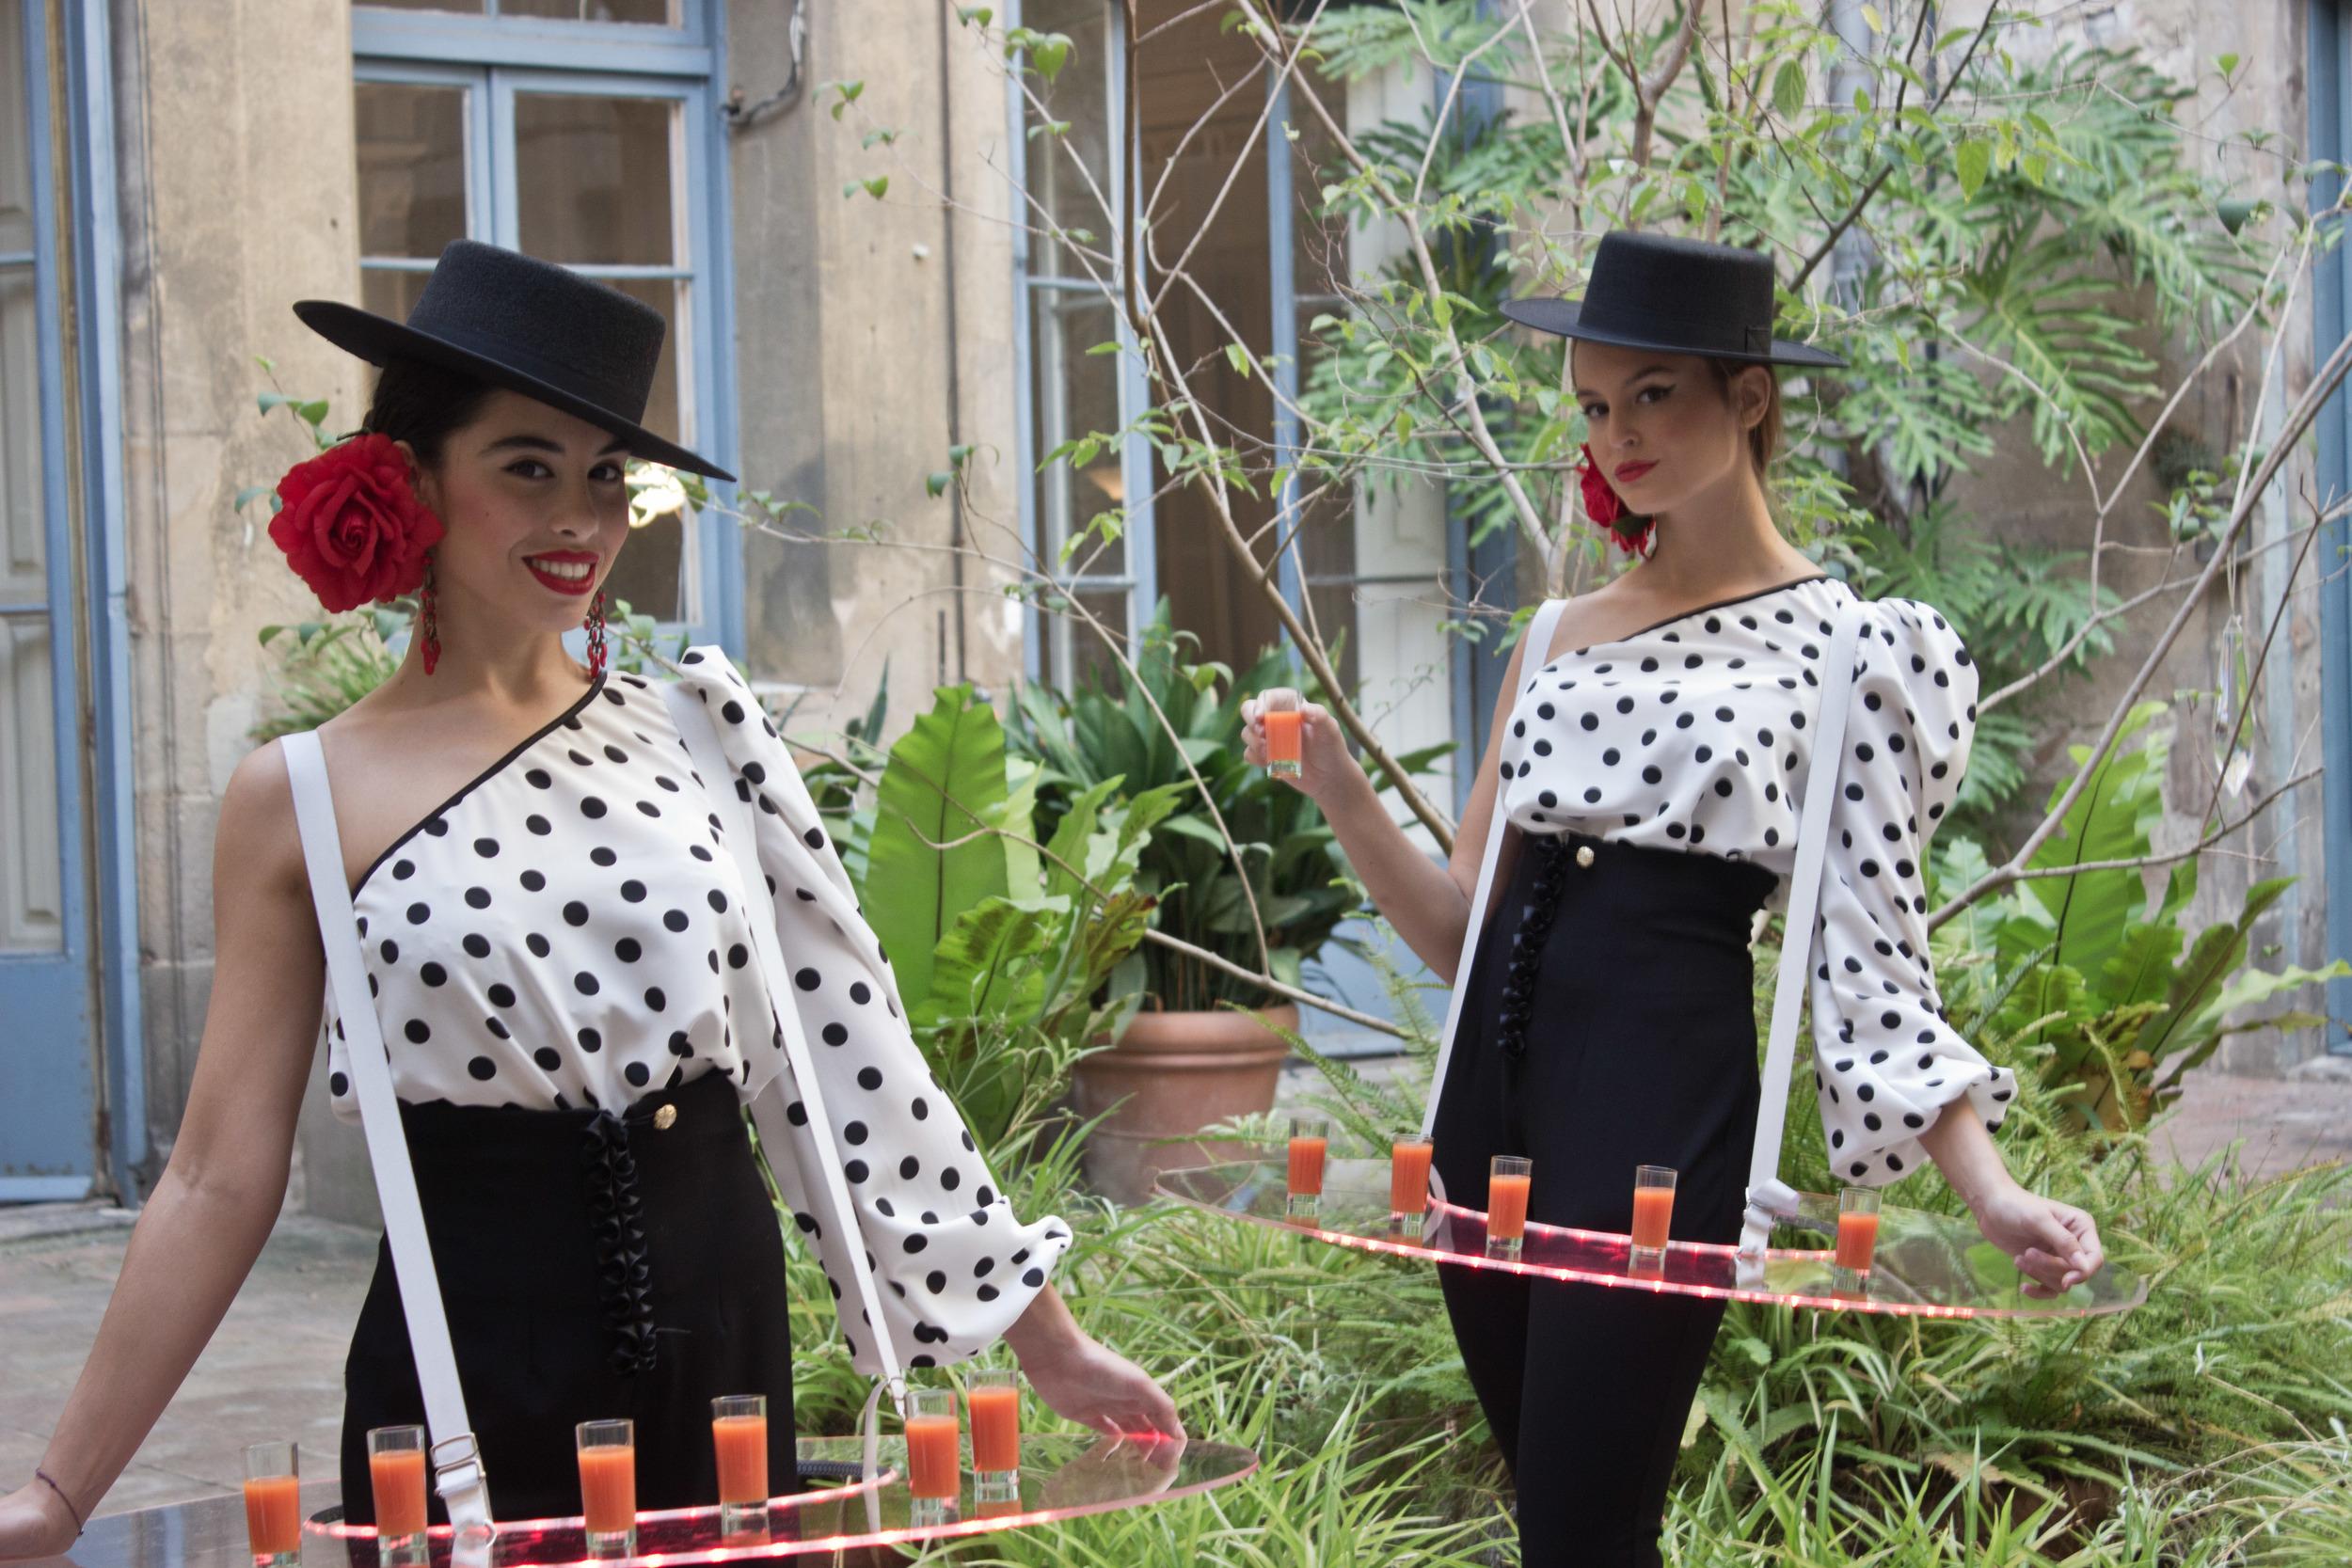 Gazpacho Eva y Macarena Luz 43.jpg